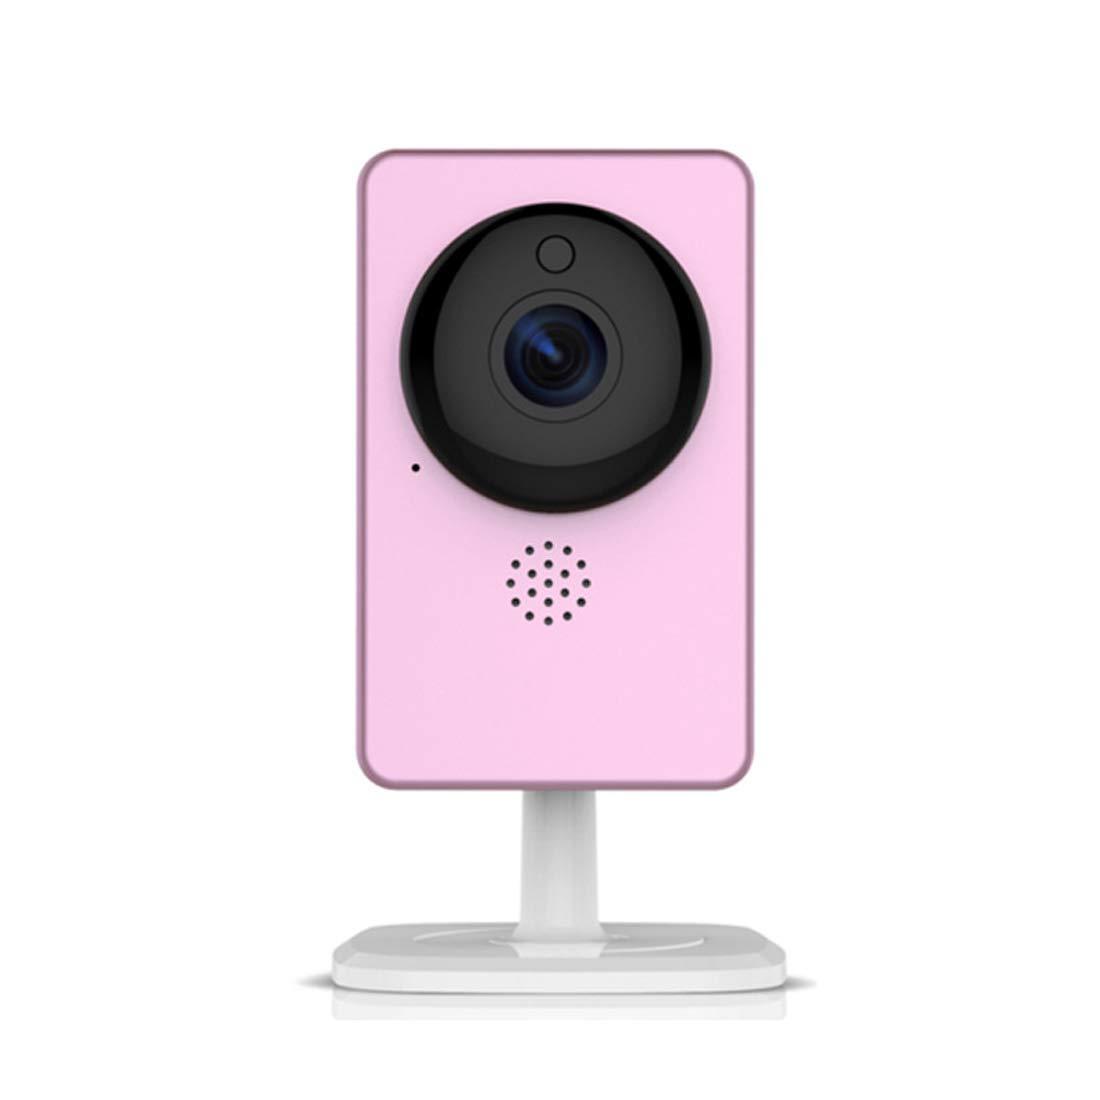 独特の素材 JPAKIOS パノラマ監視カメラ1080 Pカードネットワークカメラ   B07QQQPS2J, シュウホウチョウ 4a5c3dd6